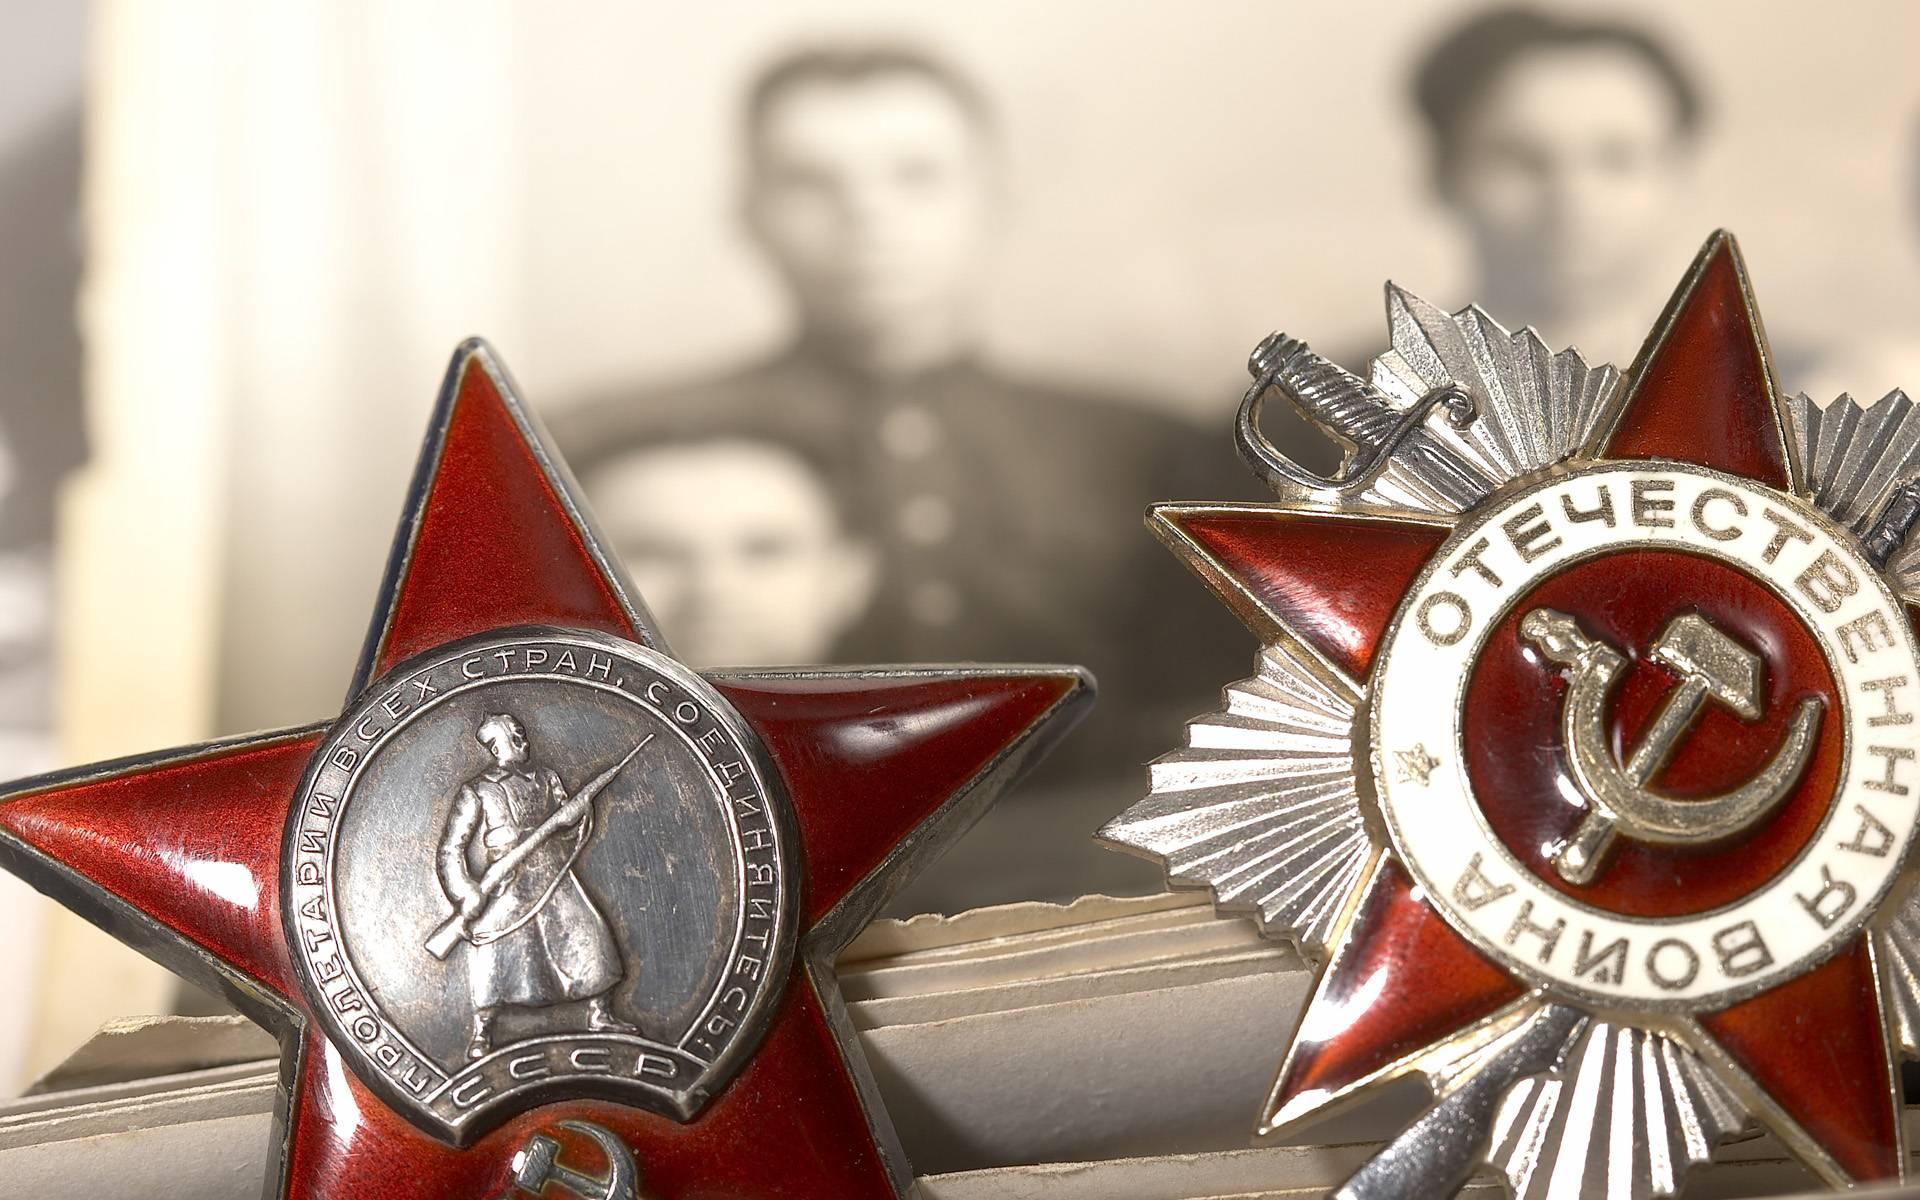 World History Wallpaper Soviet medals   world history 1920x1200